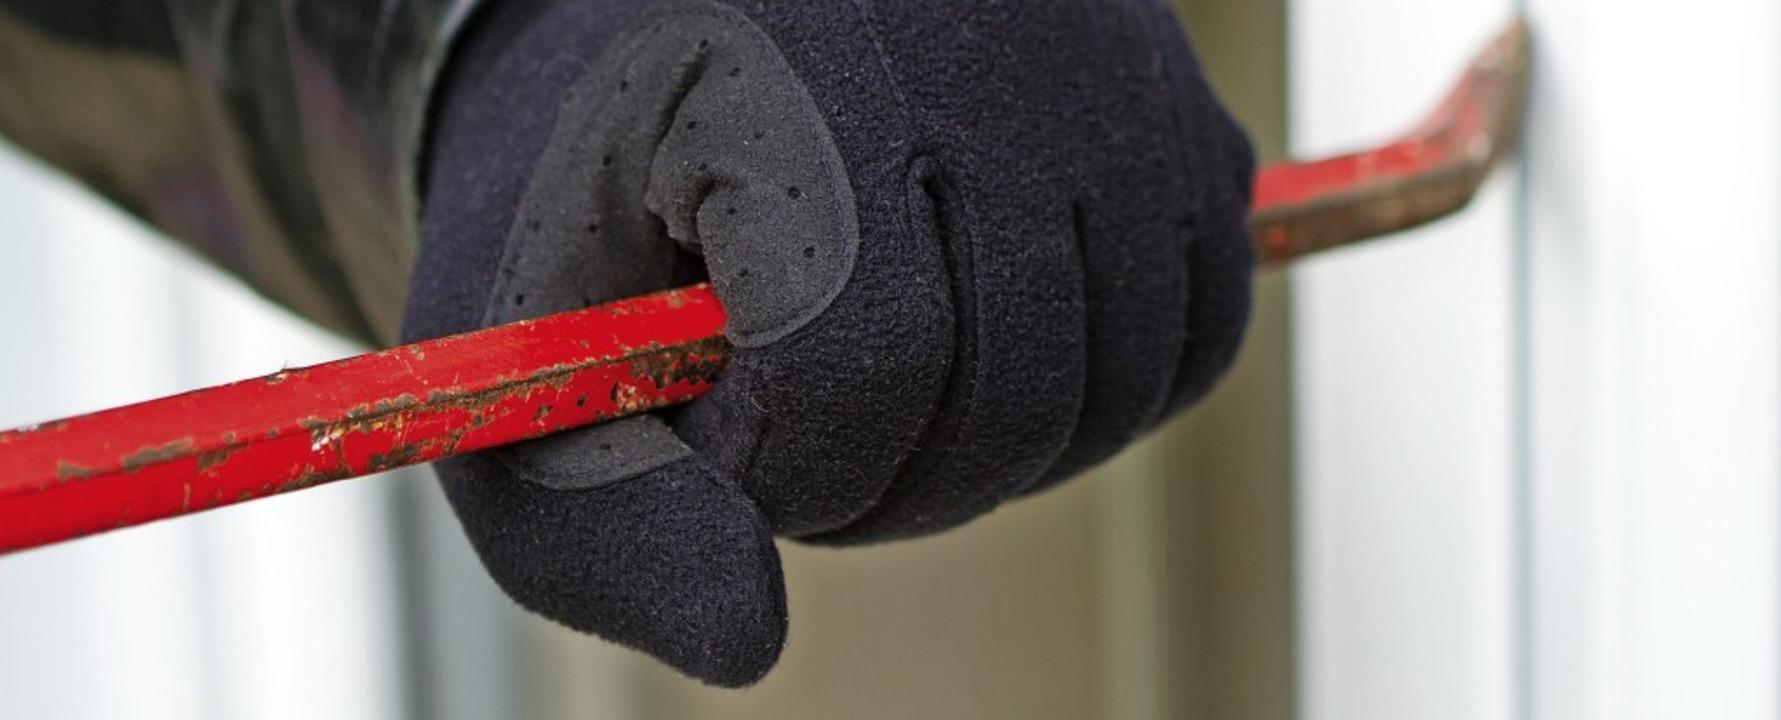 Die Vorgehensweise bei den Einbrüchen ... dem Amtsgericht in Waldshut-Tiengen.   | Foto: Sdecoret (Adobe Stock)